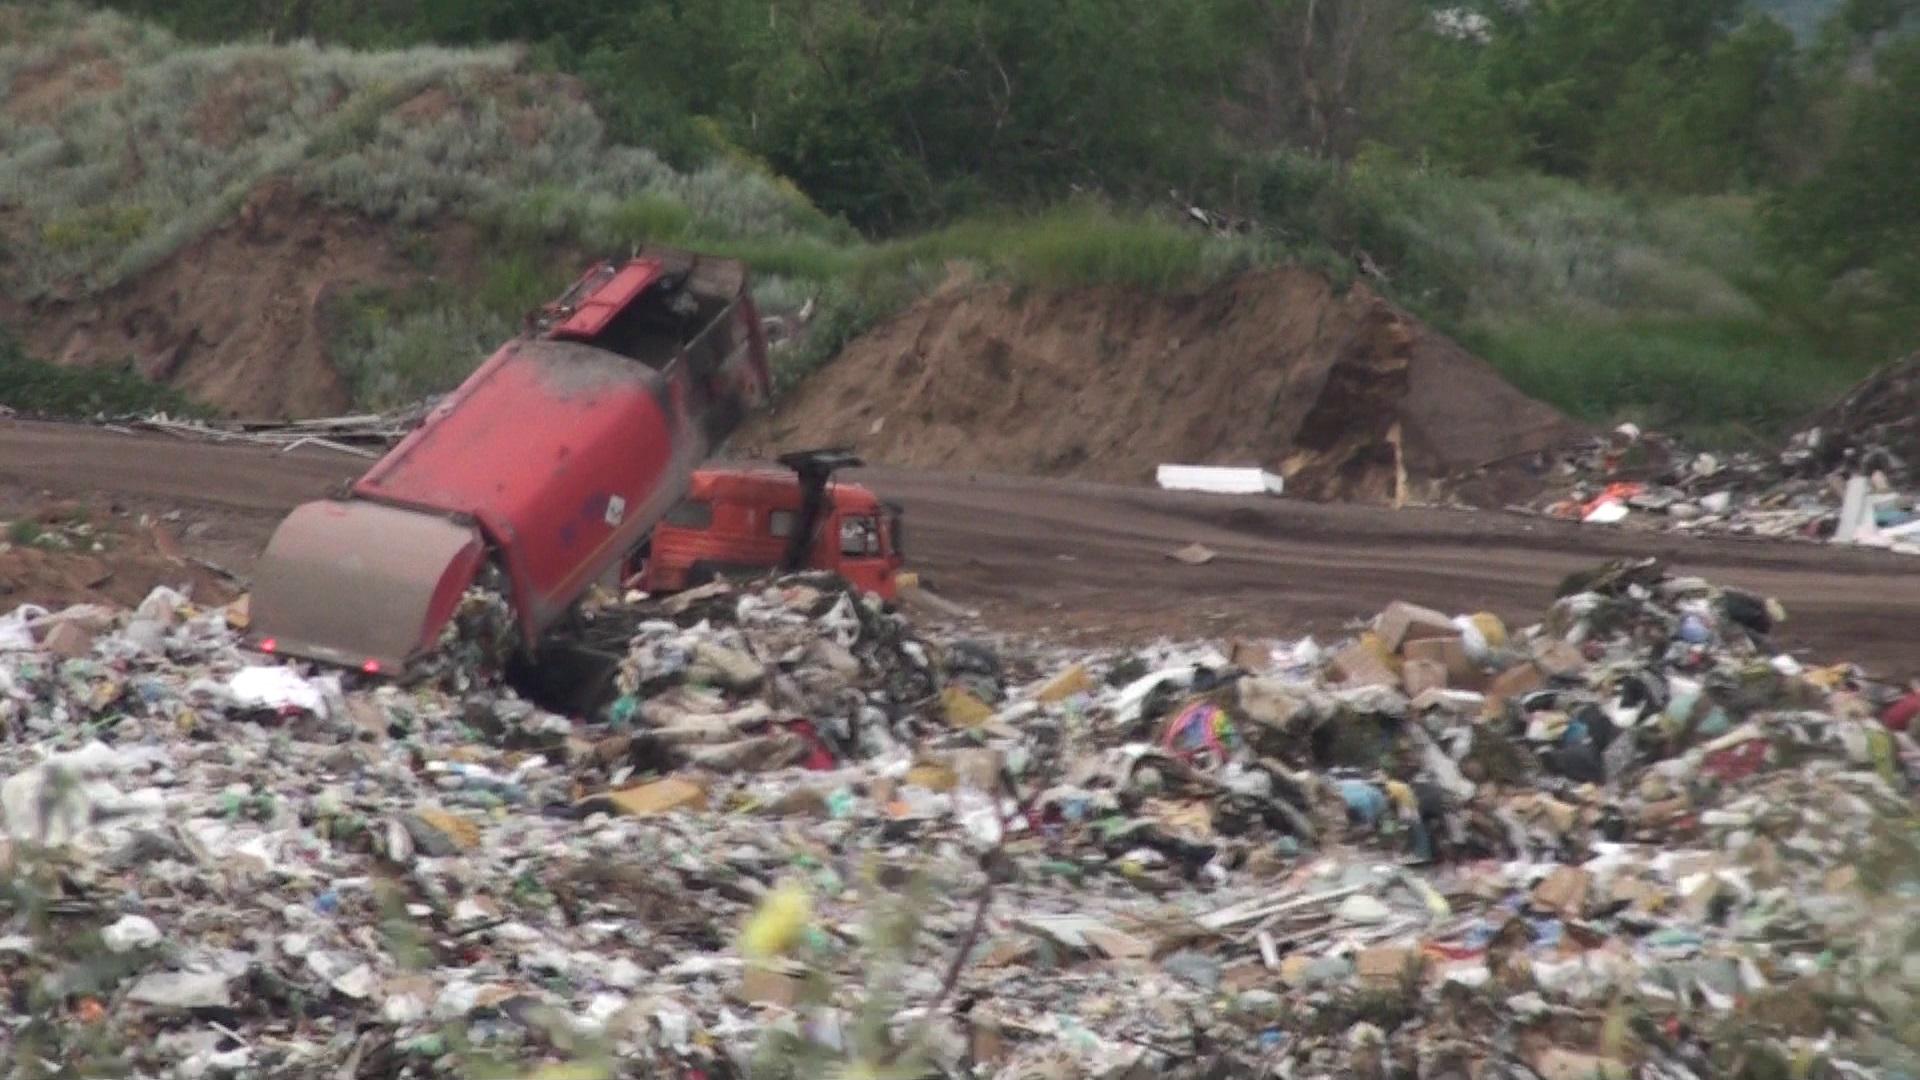 Заразмещение отходов назакрытой свалке предприятие выплатит 150 000 руб. штрафа